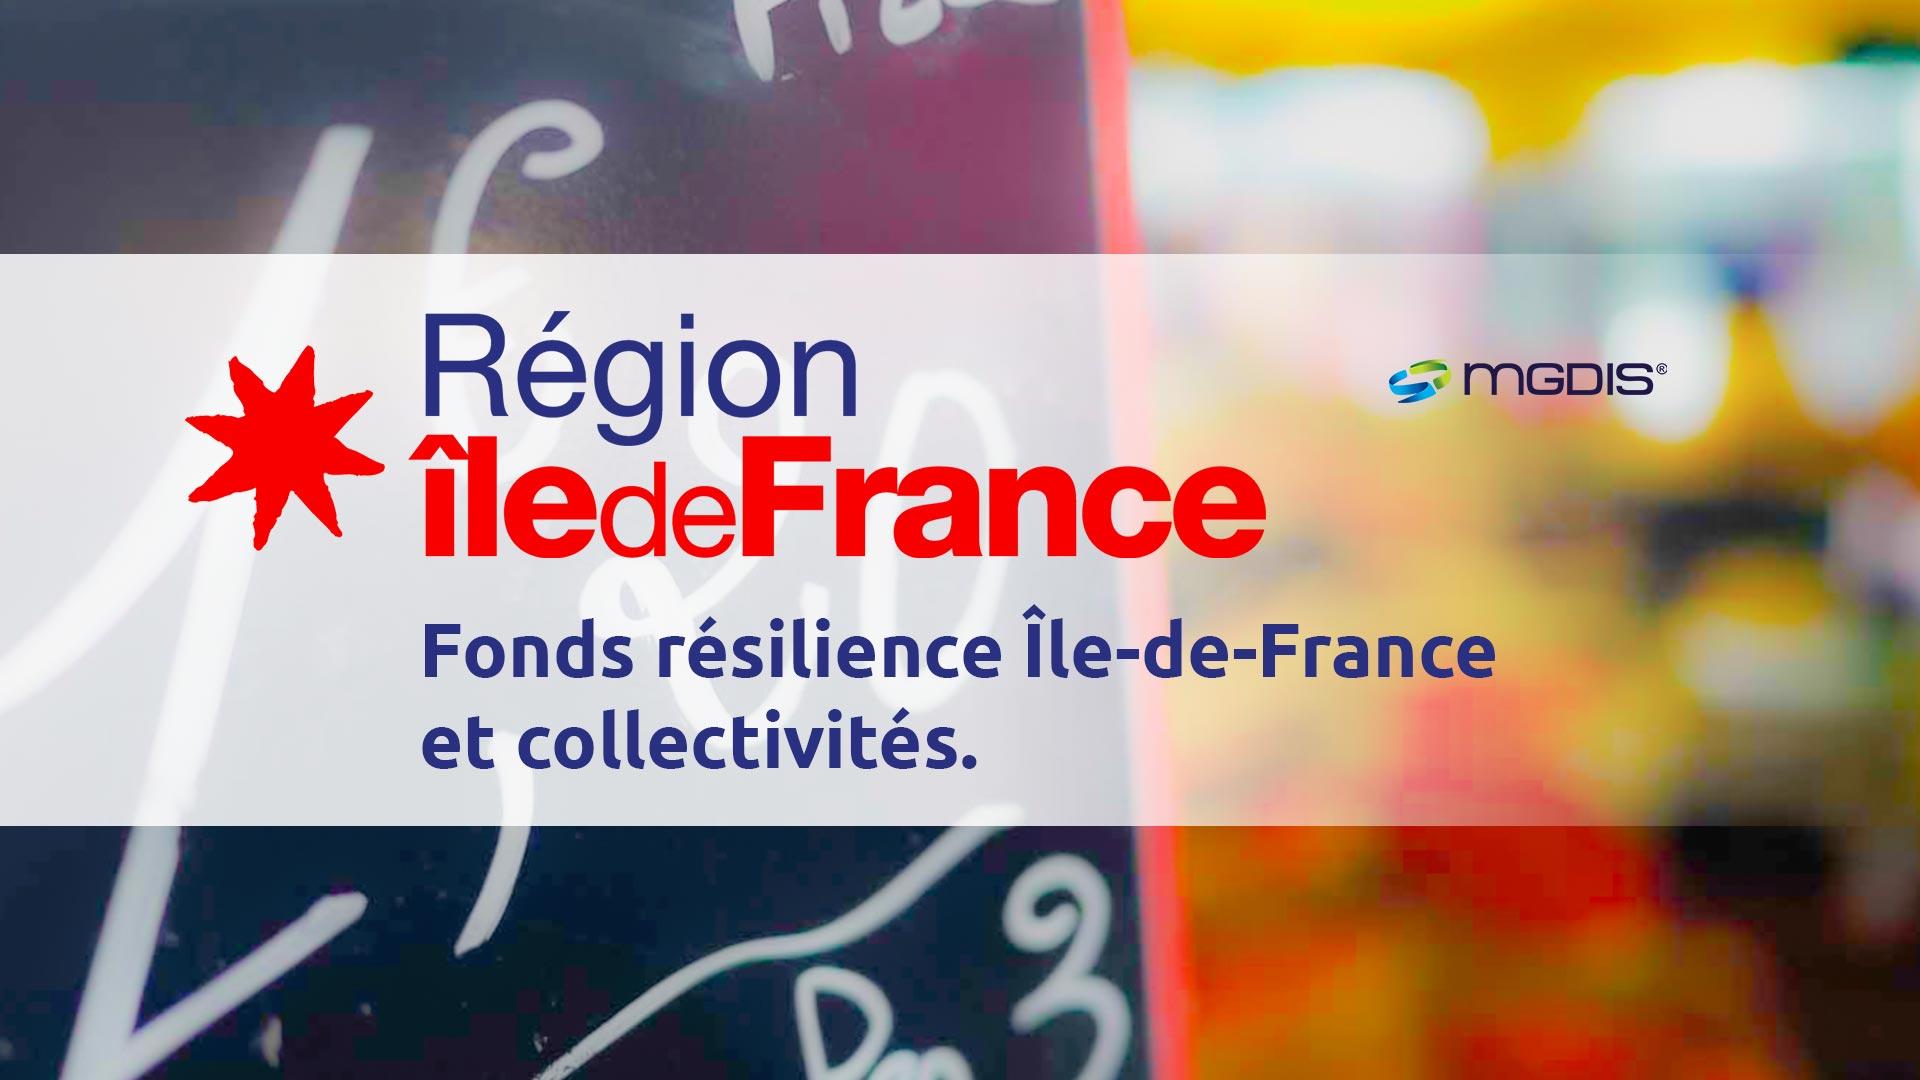 La plateforme du Fonds de résilience Ile-de-France par MGDIS